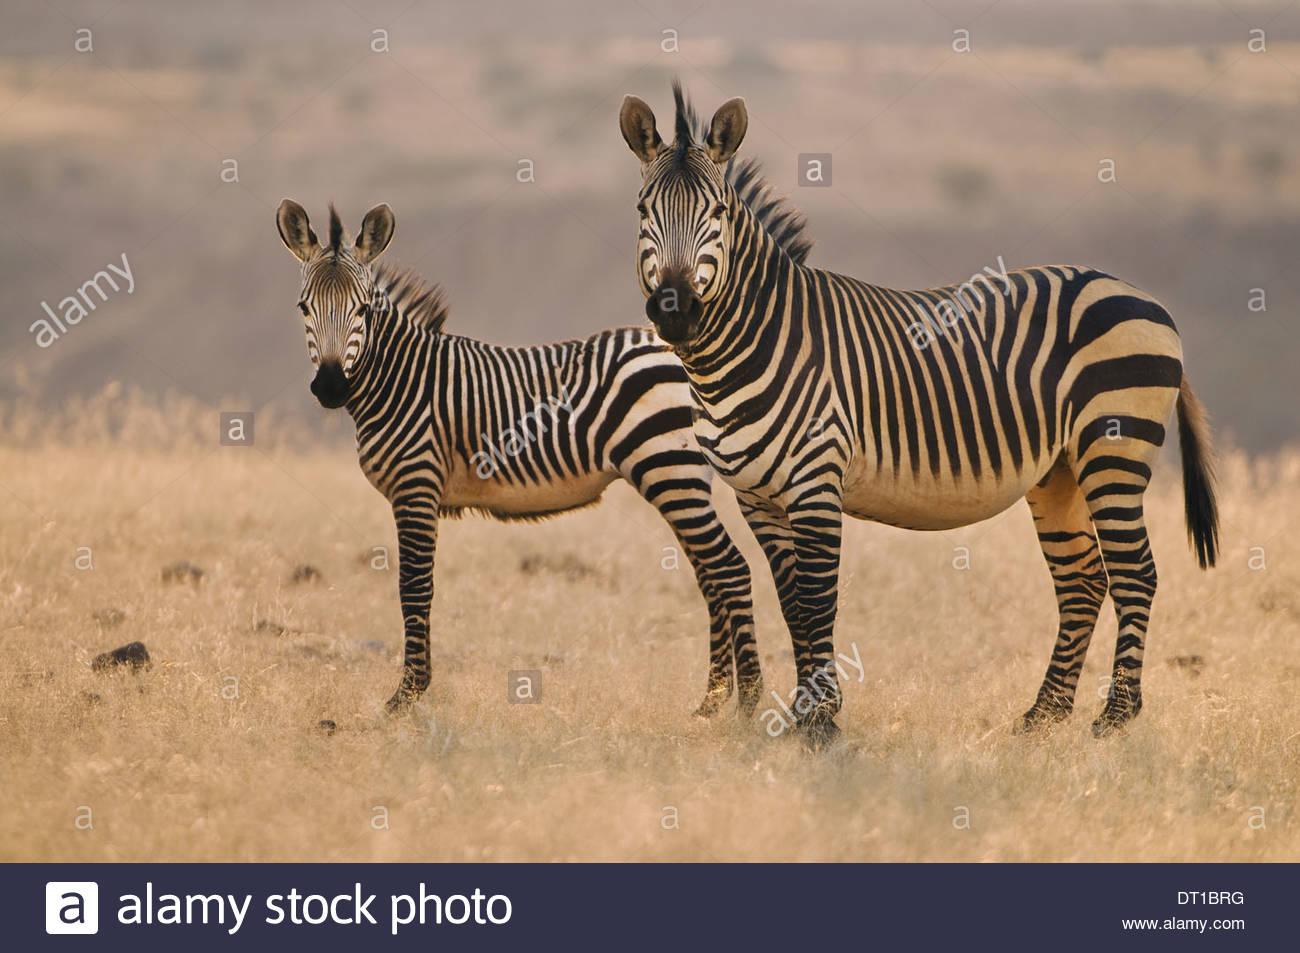 Torra Conservancy Damaraland Namibia Two mountain zebras Equus zebra on plains Namibia - Stock Image